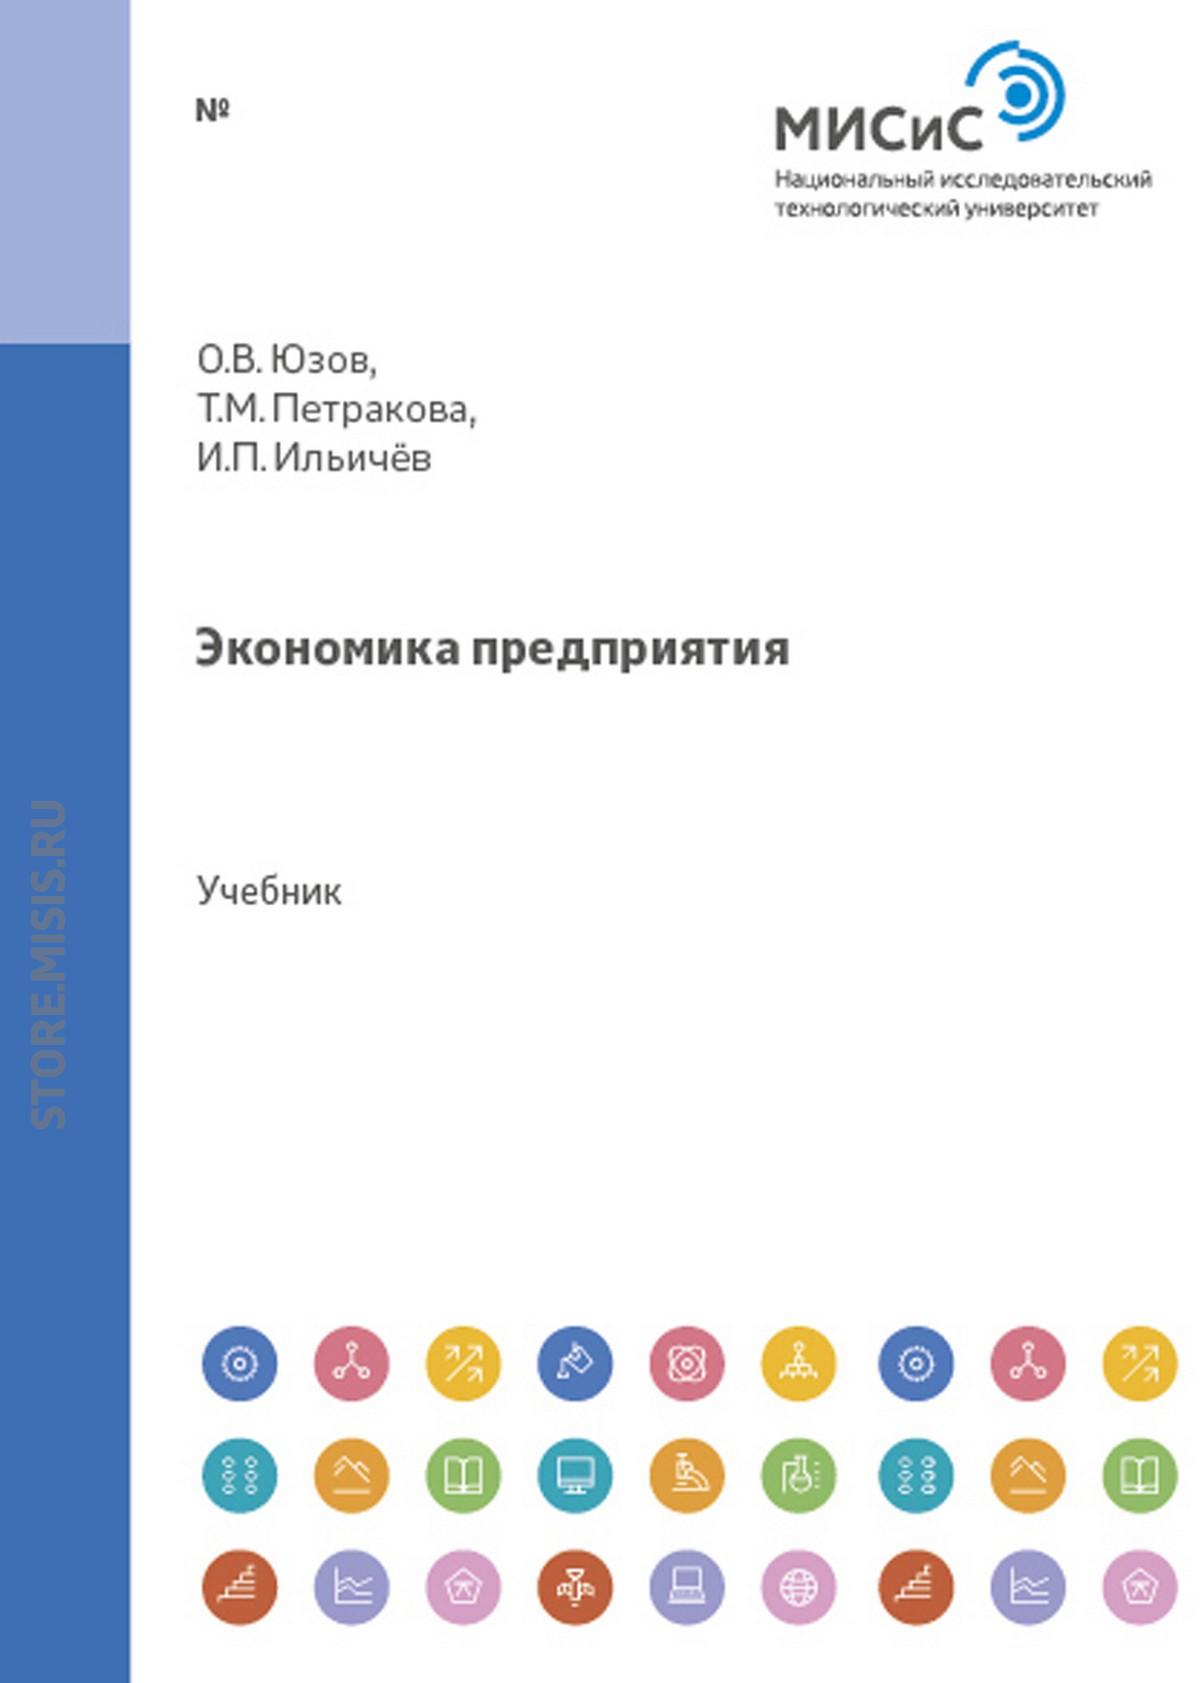 Юрий Кузнецов Термодинамика металлургических процессов и систем